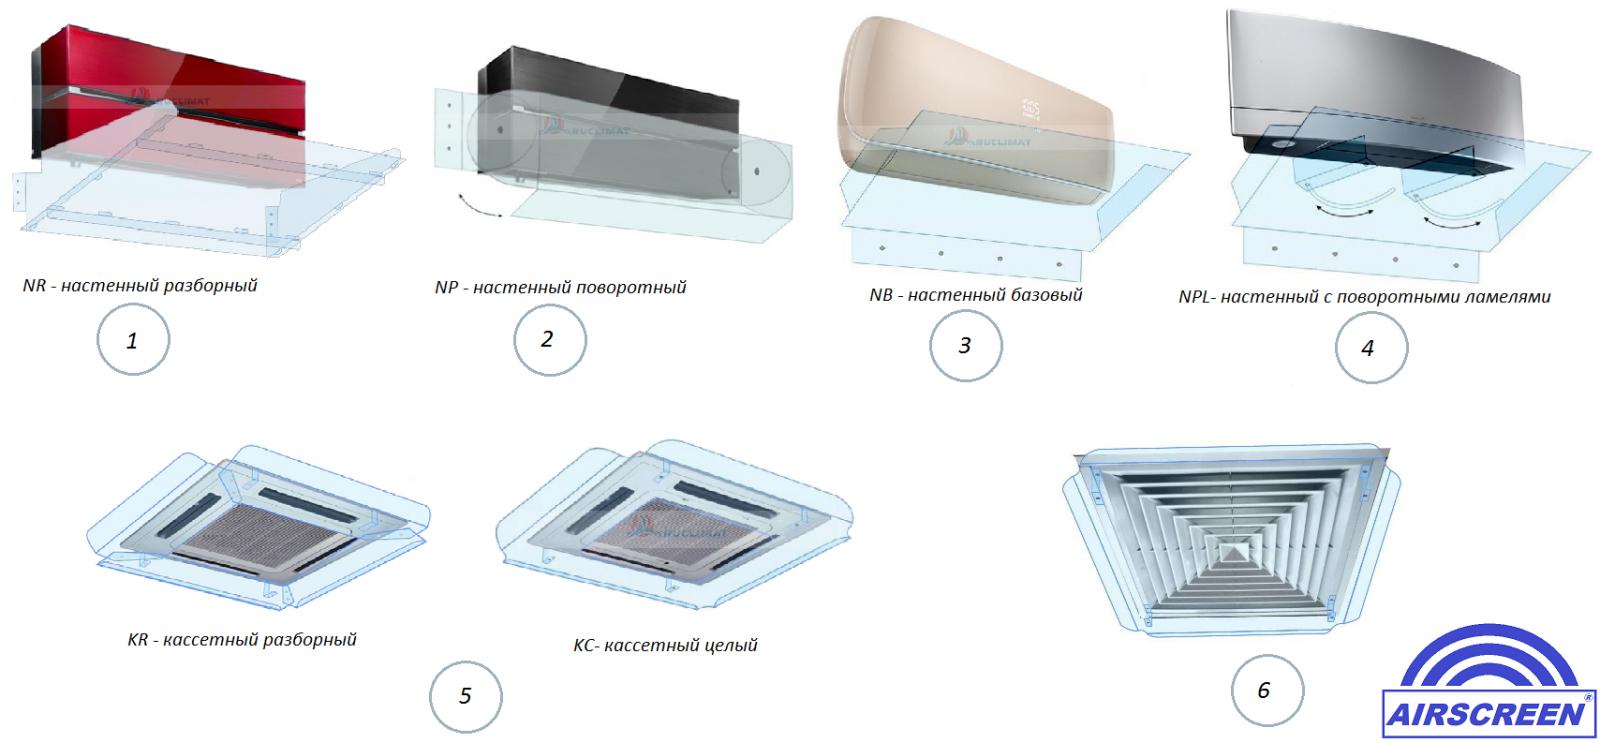 Виды производимых экранов